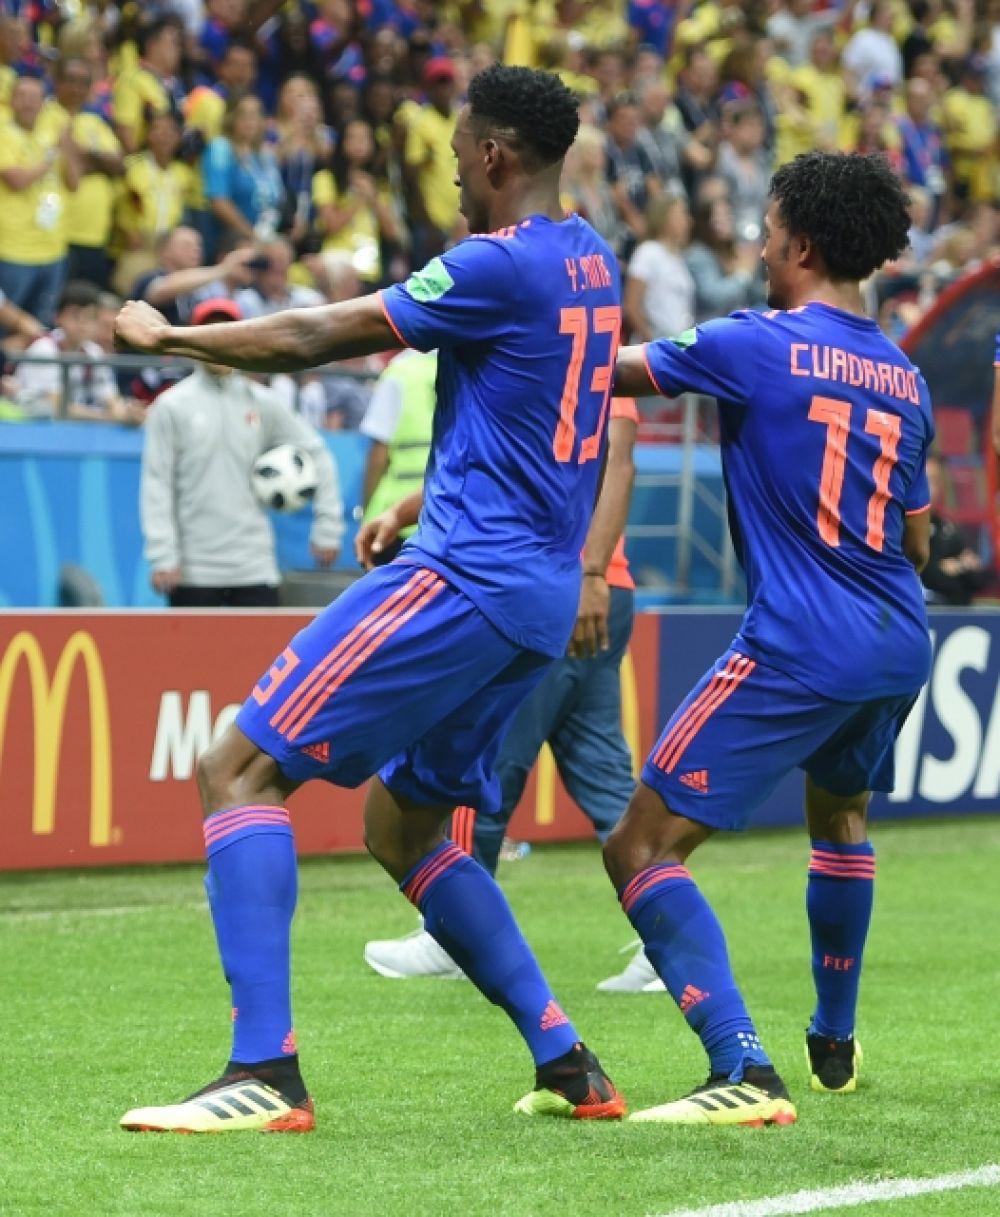 Танцуют и игроки сборной Колумбии.